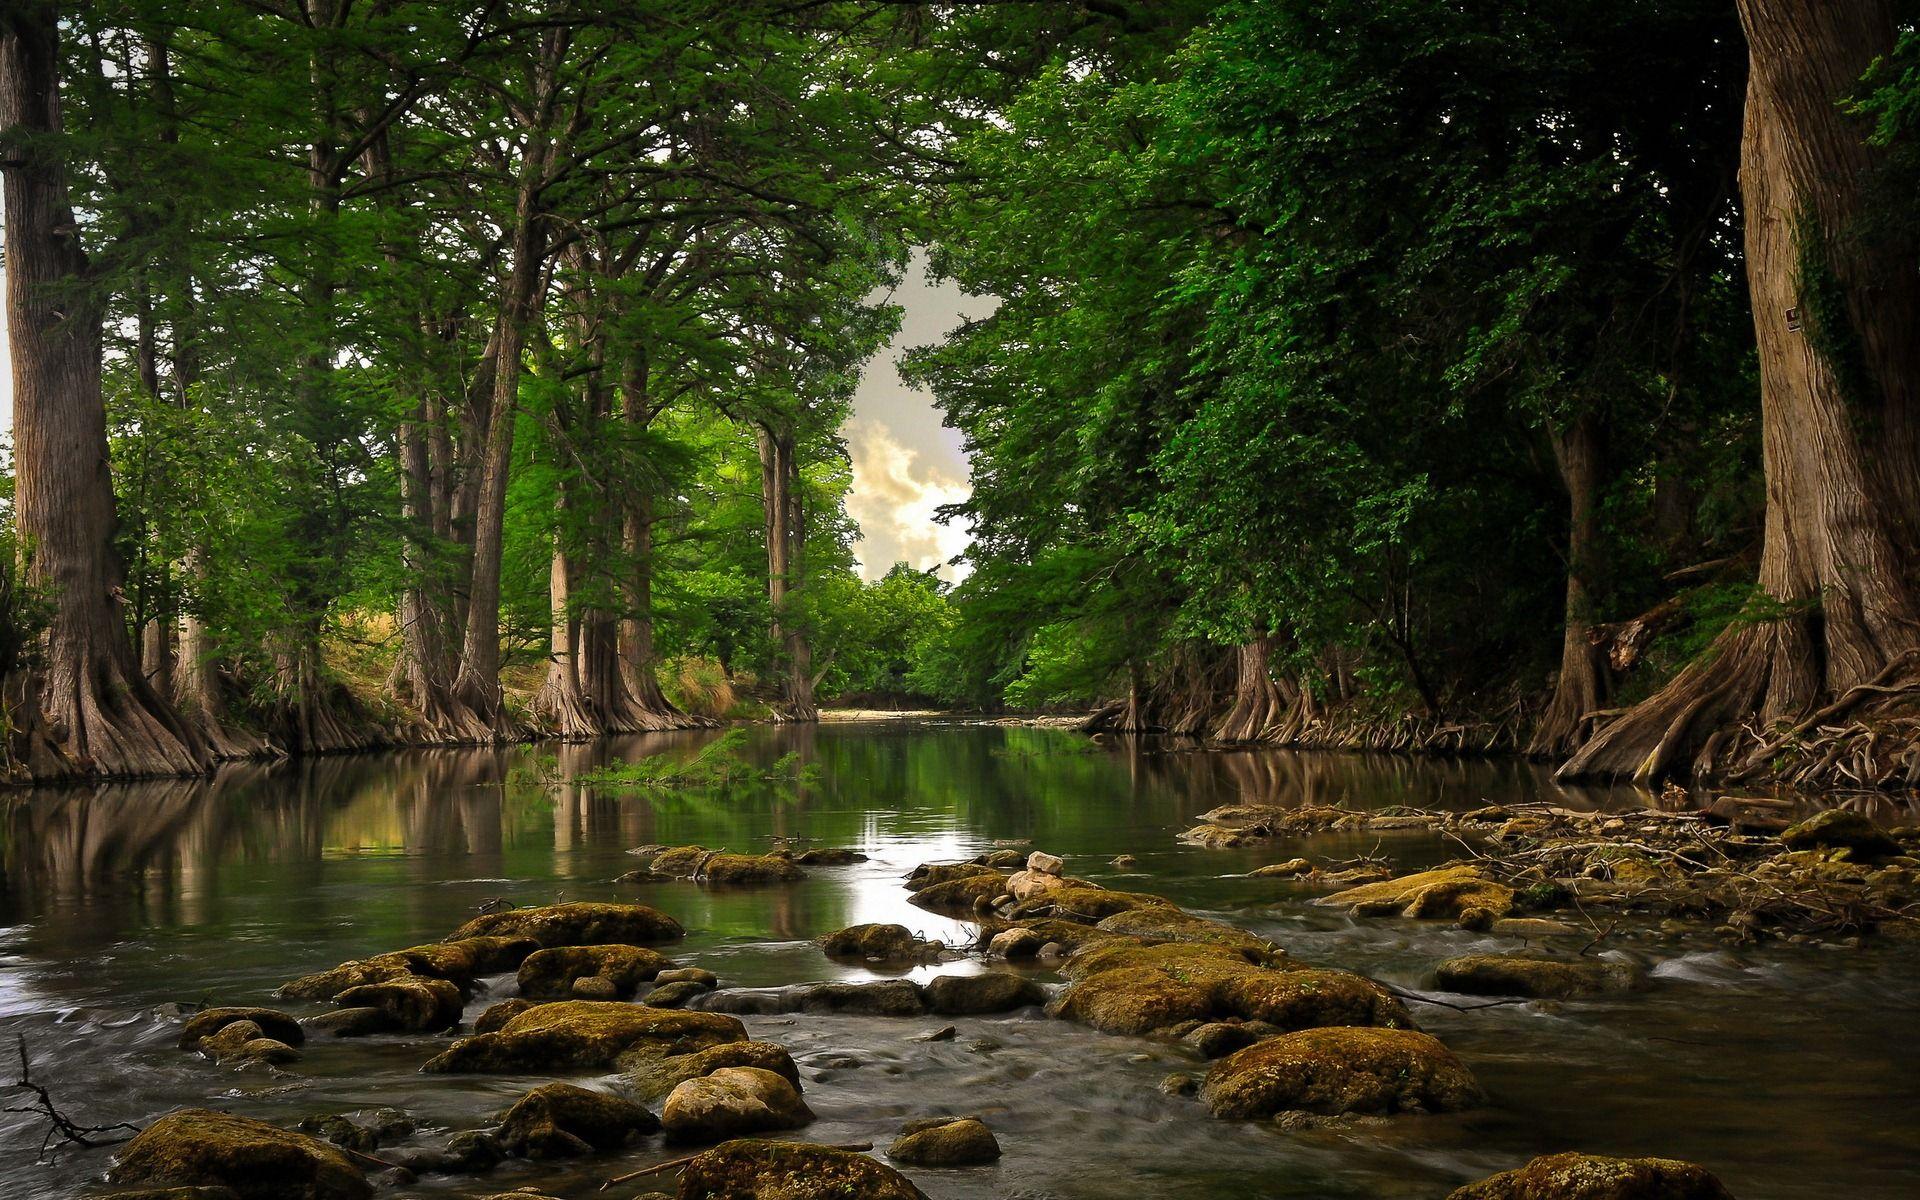 Resultado De Imagen Para Imagen De La Naturaleza En Hd Fondos De Escritorio Descargar Fondos De Pantalla Para Pc Fondos De Escritorio Hd